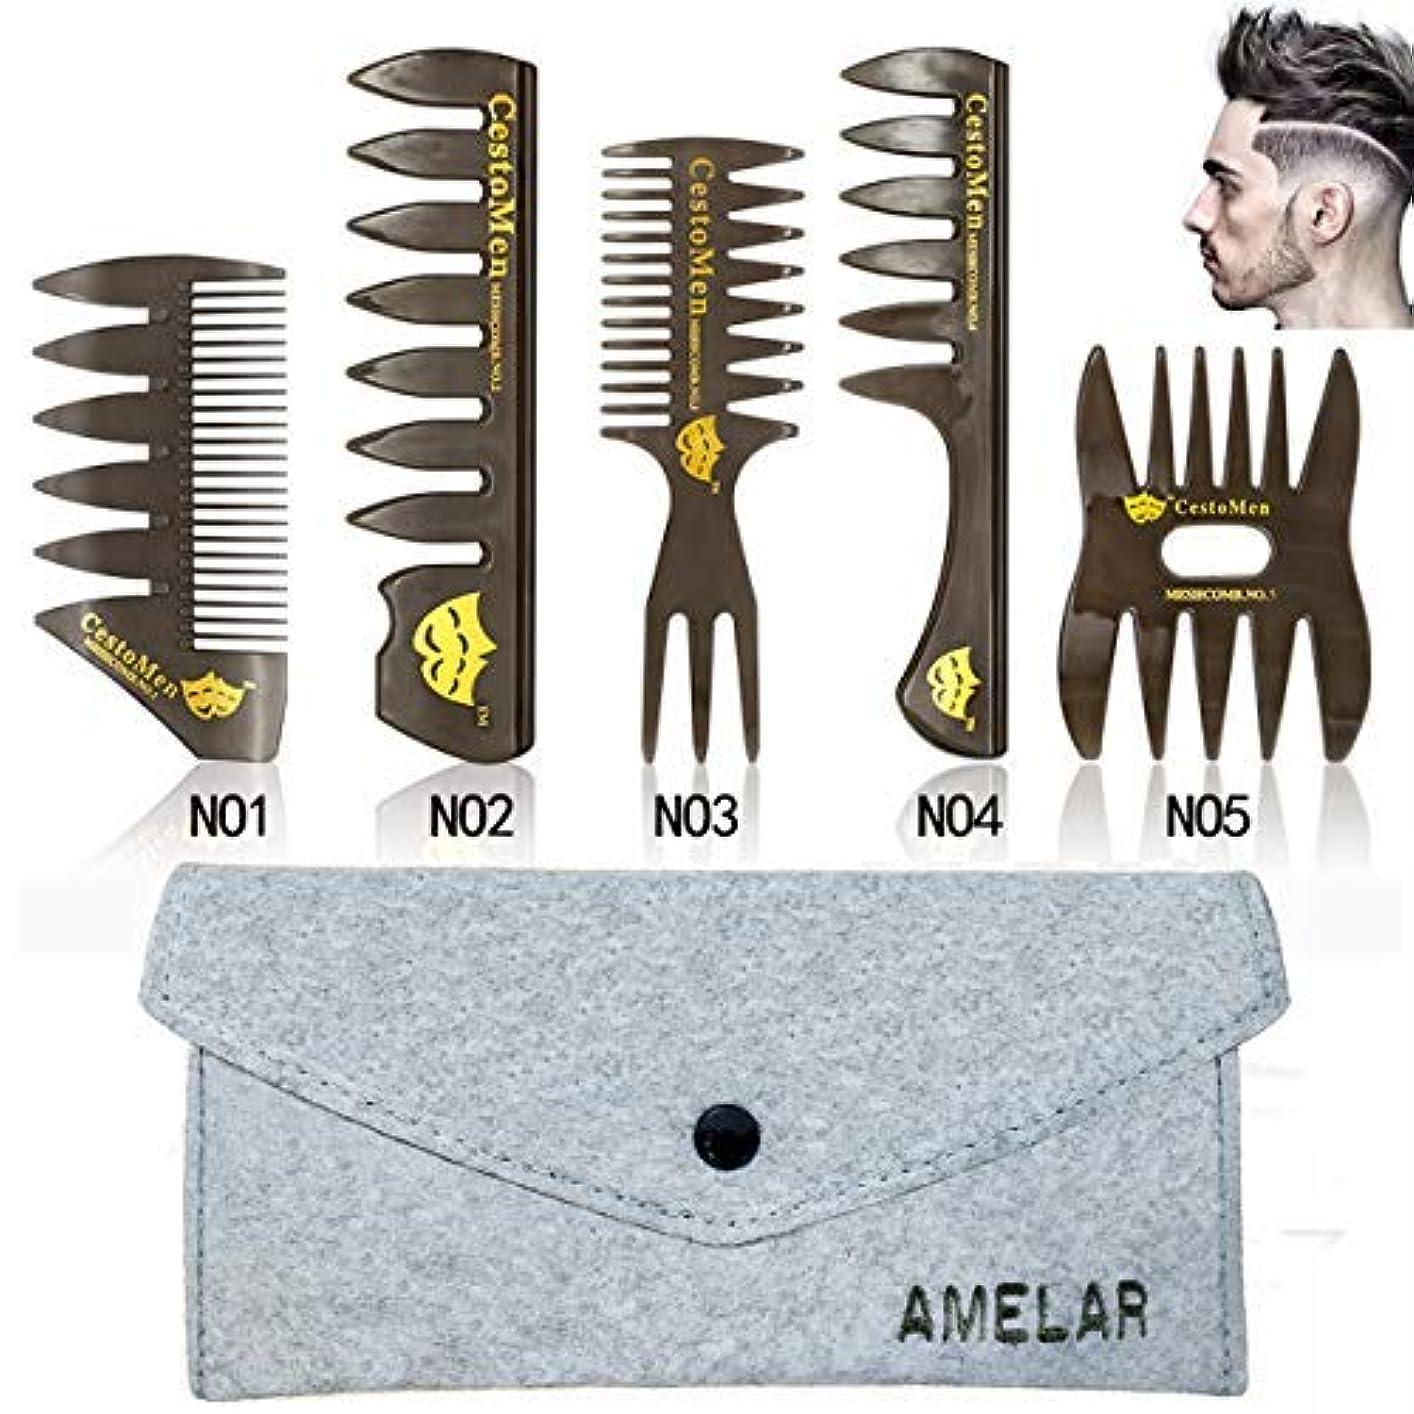 に勝る花弁法廷6 PCS Hair Comb Styling Set Barber Hairstylist Accessories,Professional Shaping & Wet Pick Barber Brush Tools,...